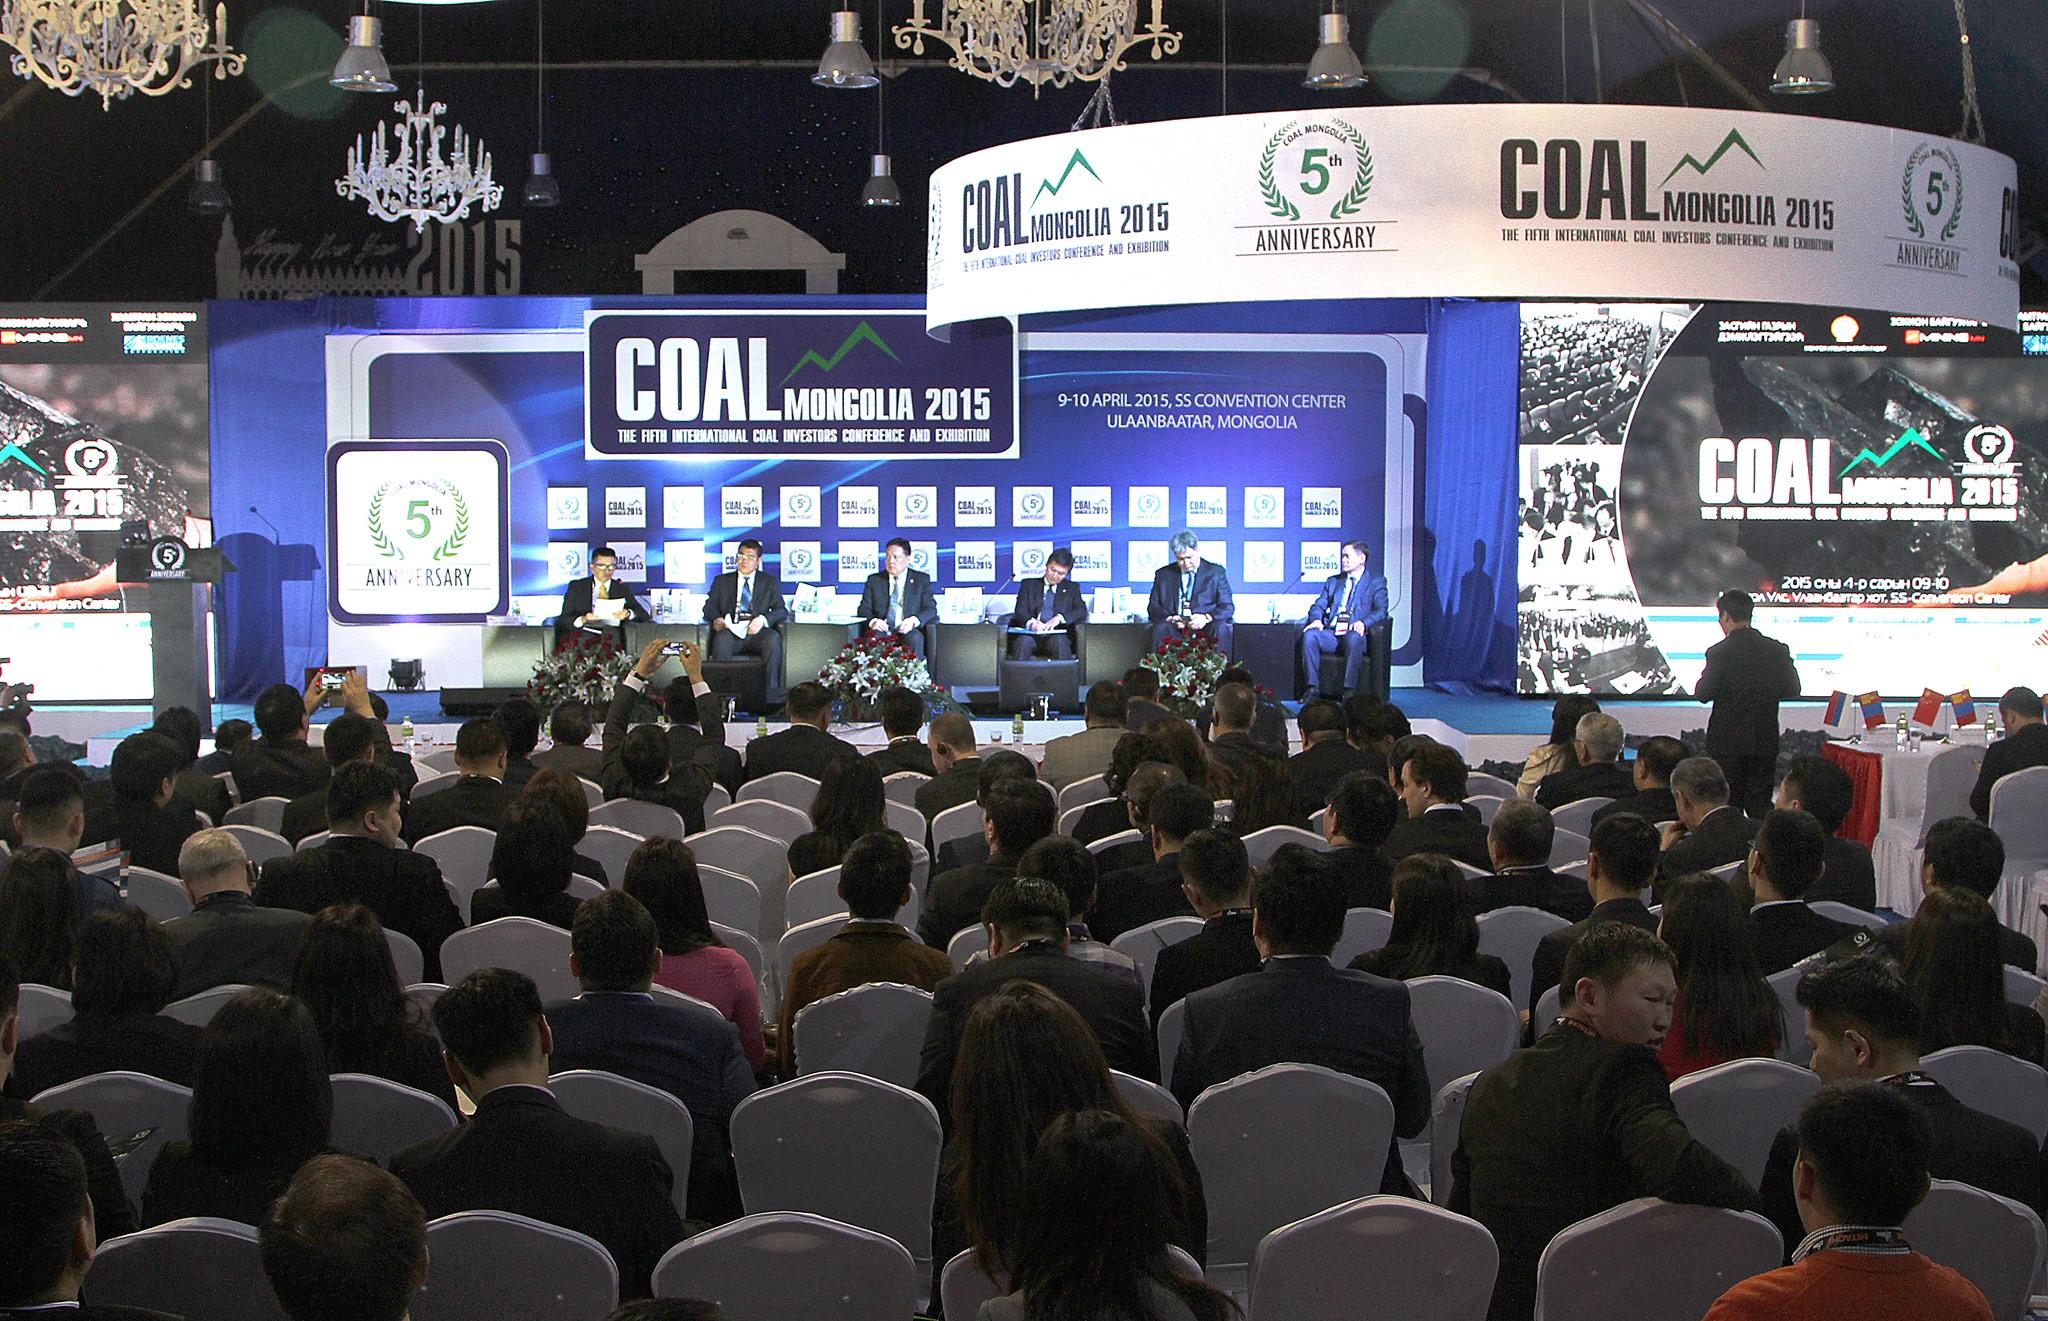 """Эрчим хүчний сайд Д.Зоригтын """"Coal Mongolia 2015""""-д тавьсан илтгэл"""